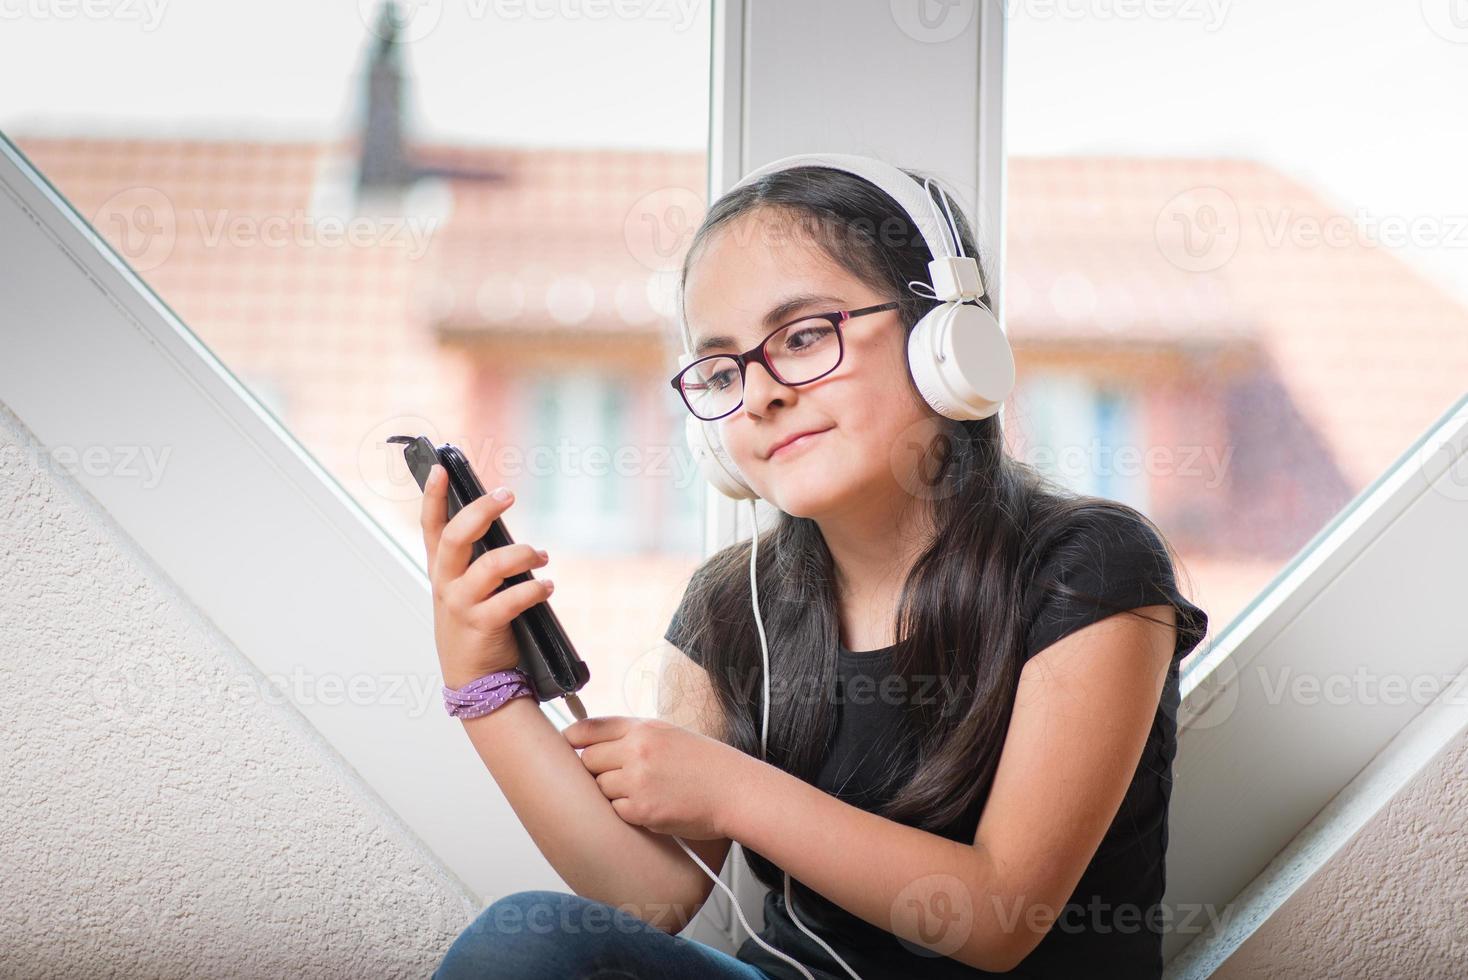 jolie fille avec des lunettes, écouter de la musique photo